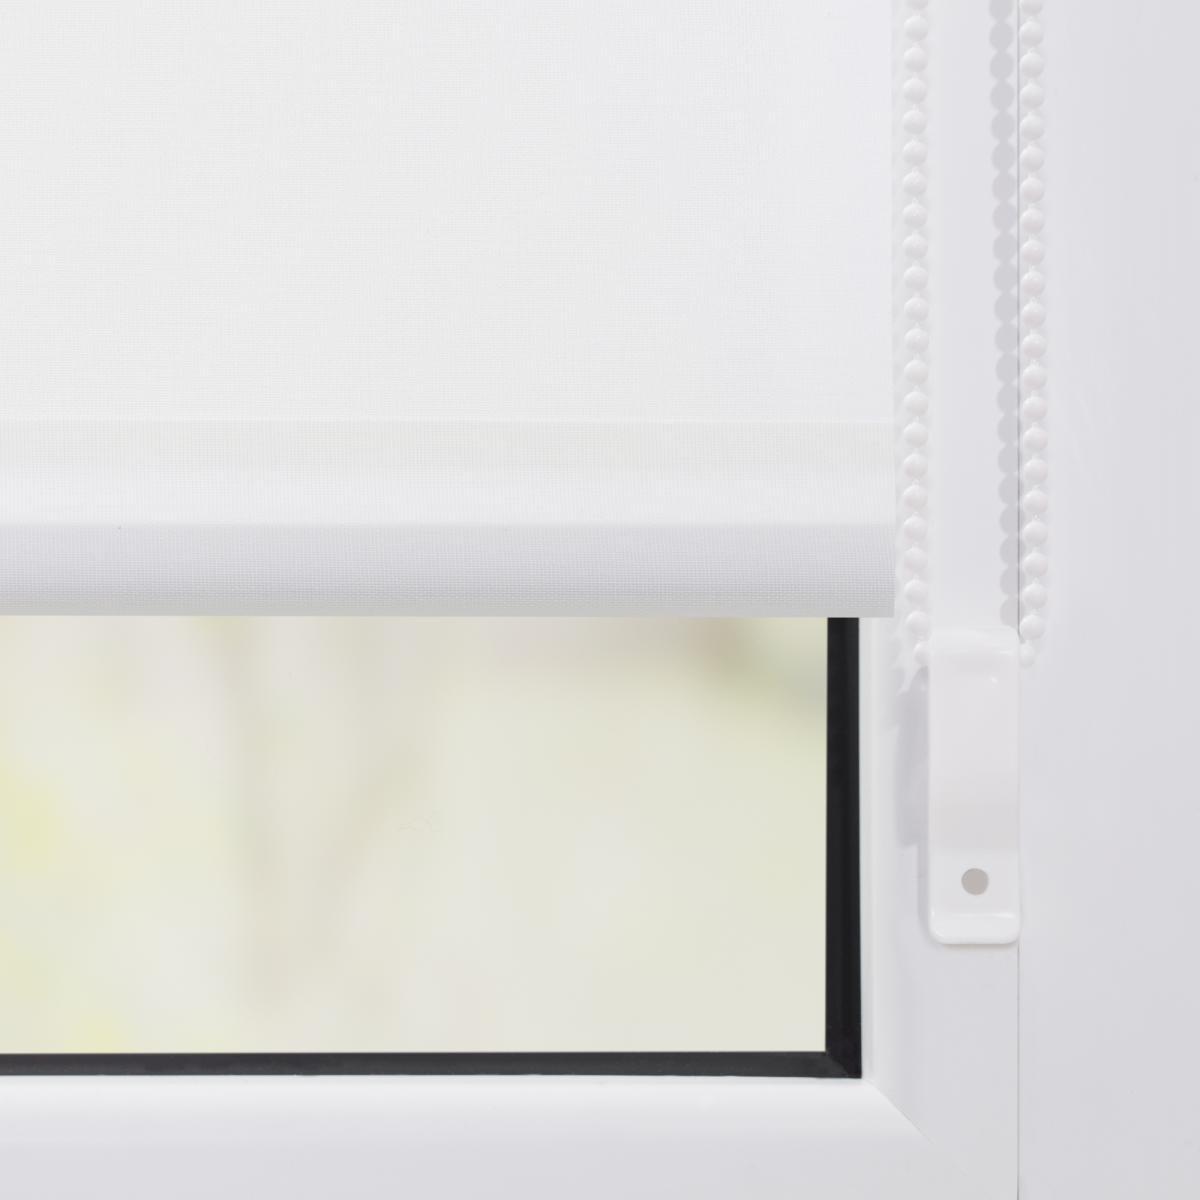 Bild 4 von Lichtblick Rollo Klemmfix, ohne Bohren, blickdicht, Tipi - Schwarz Weiß, 45 x 150 cm (B x L)